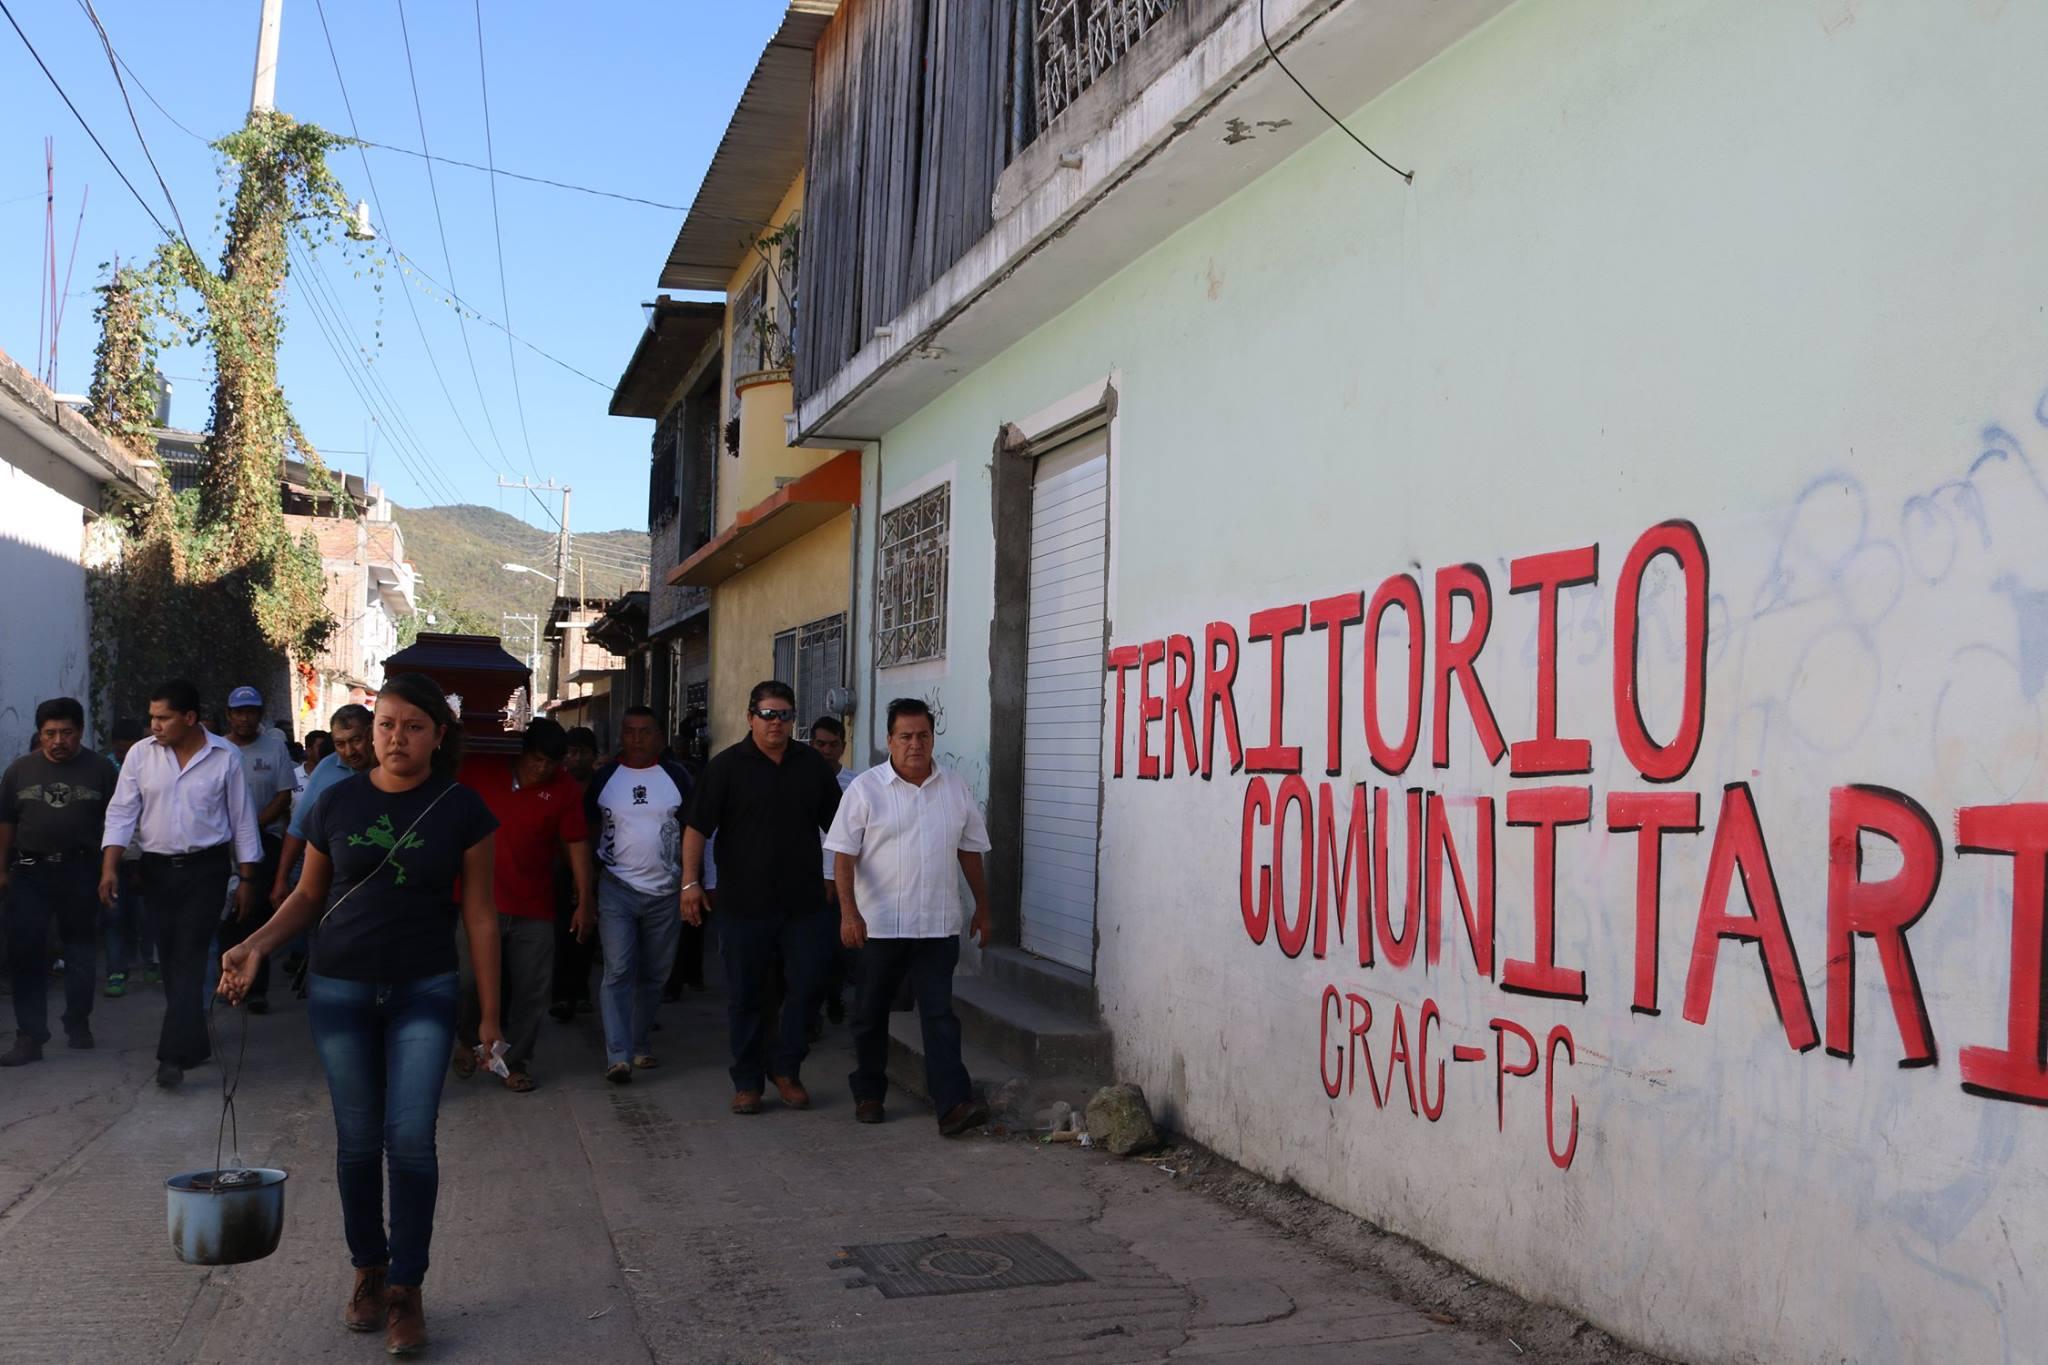 Sepultan a Coordinador de la CRAC-PC asesinado el domingo